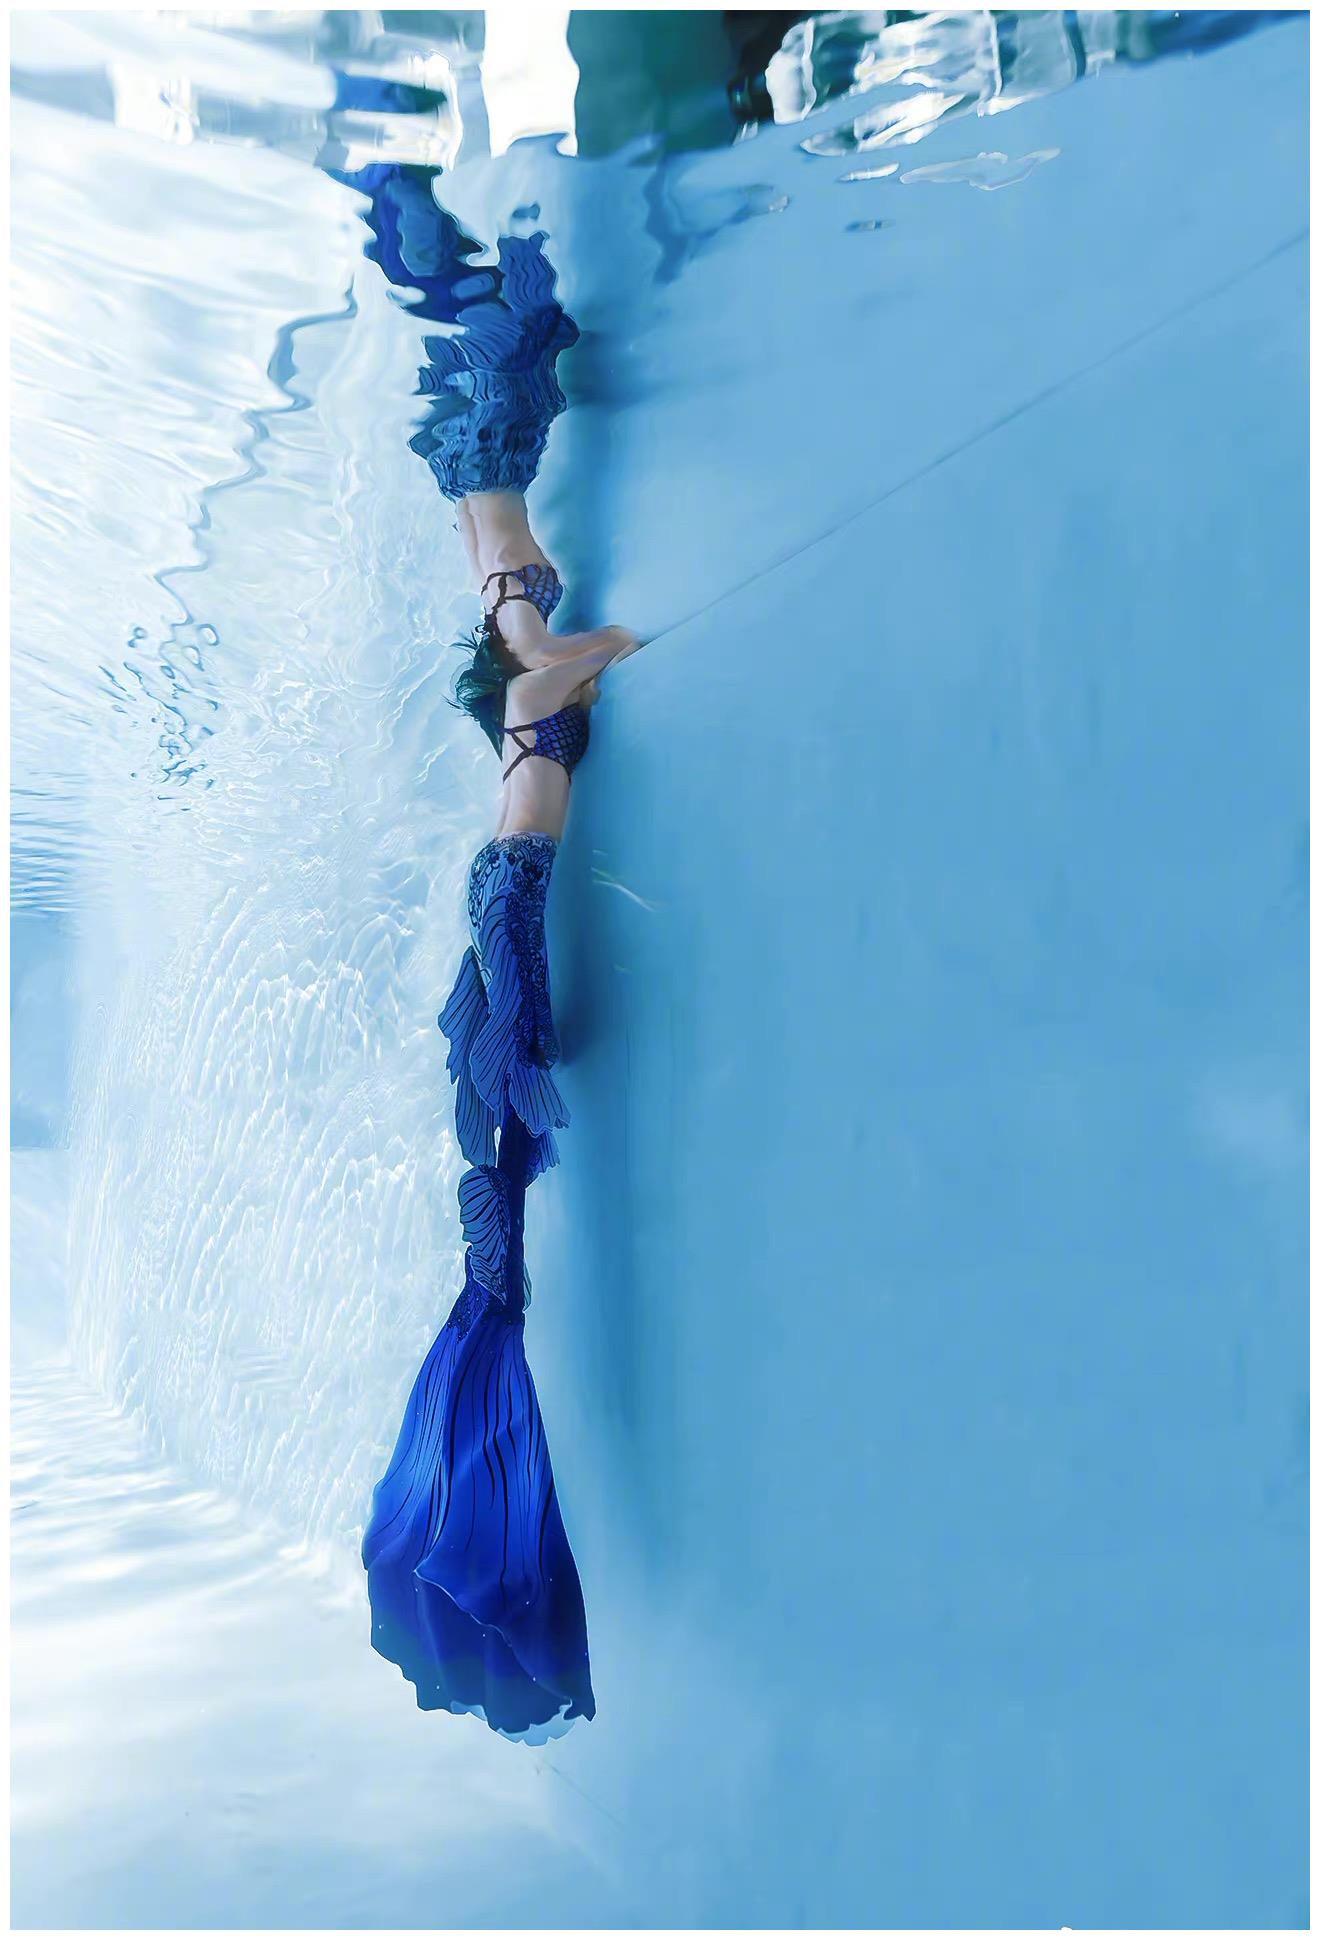 王子文化身深海美人鱼,梦幻唯美,身姿曼妙,怎叫人不爱呢?